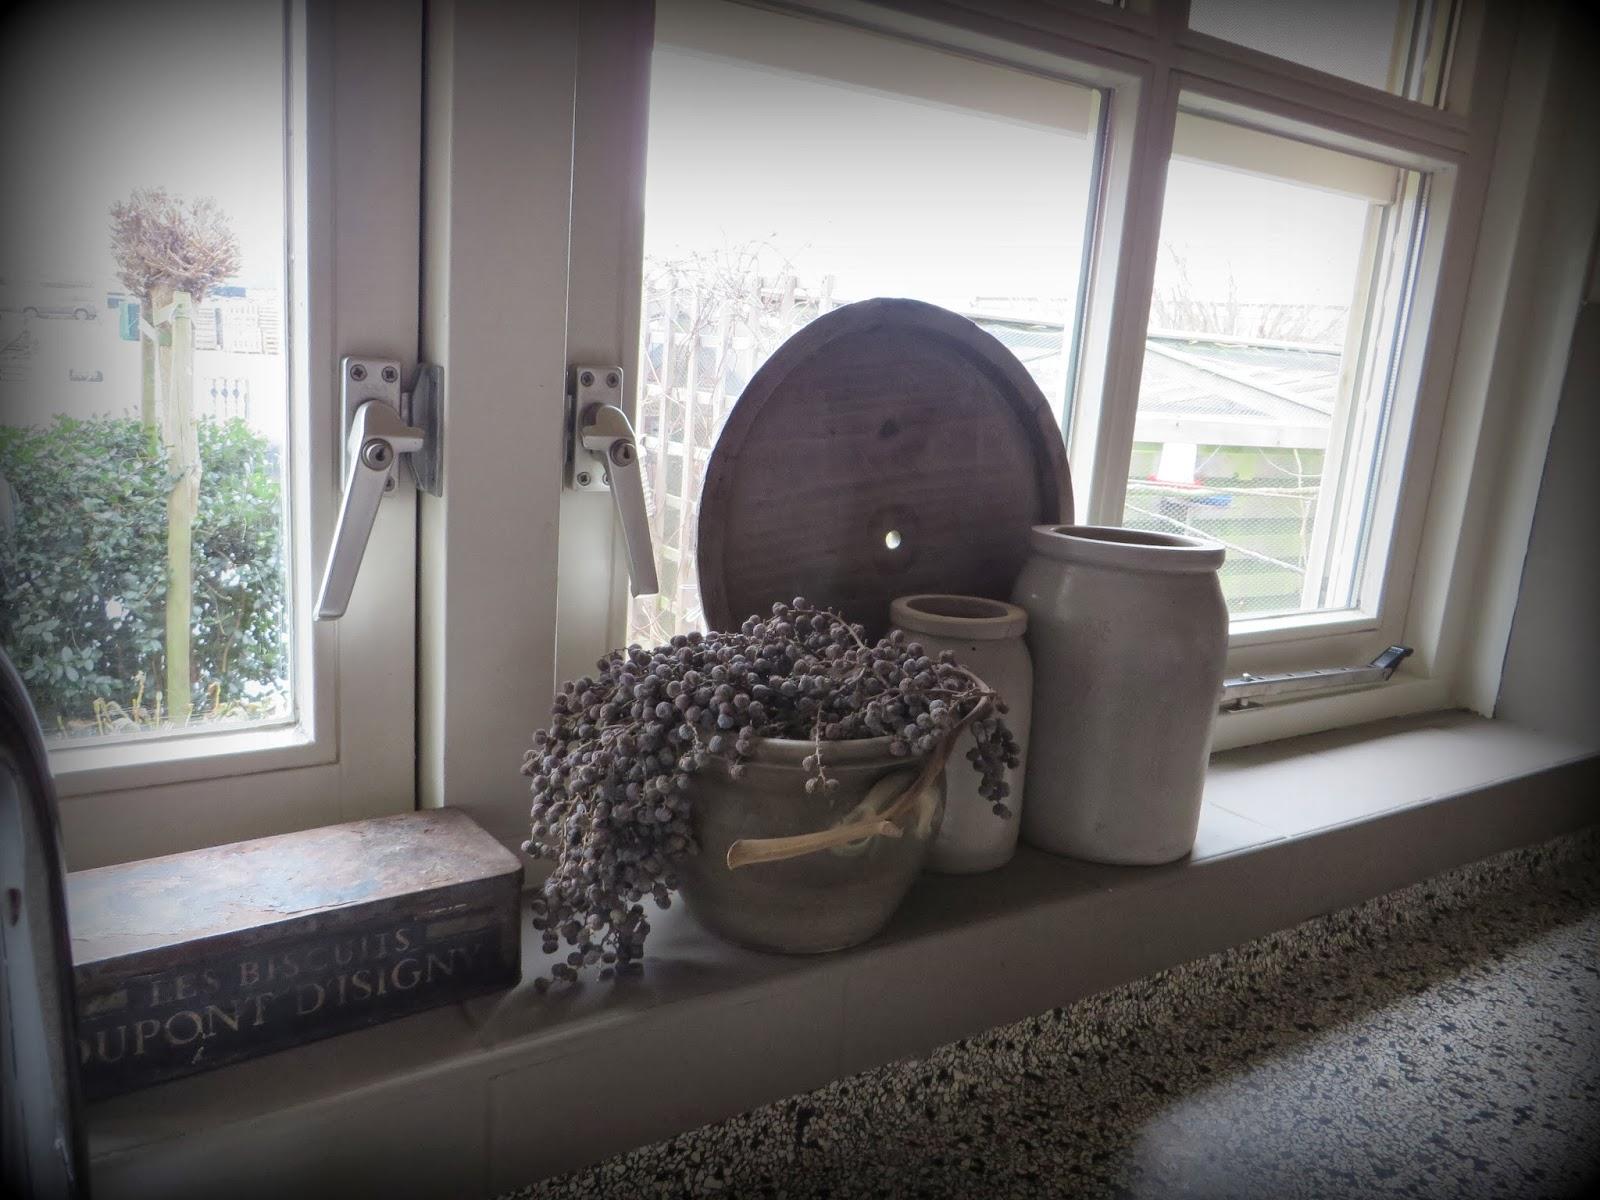 brocante keukentegeltjes : Sfeer In Landelijke Stijl Nummer 2 Geluk Bij Een Ongeluk